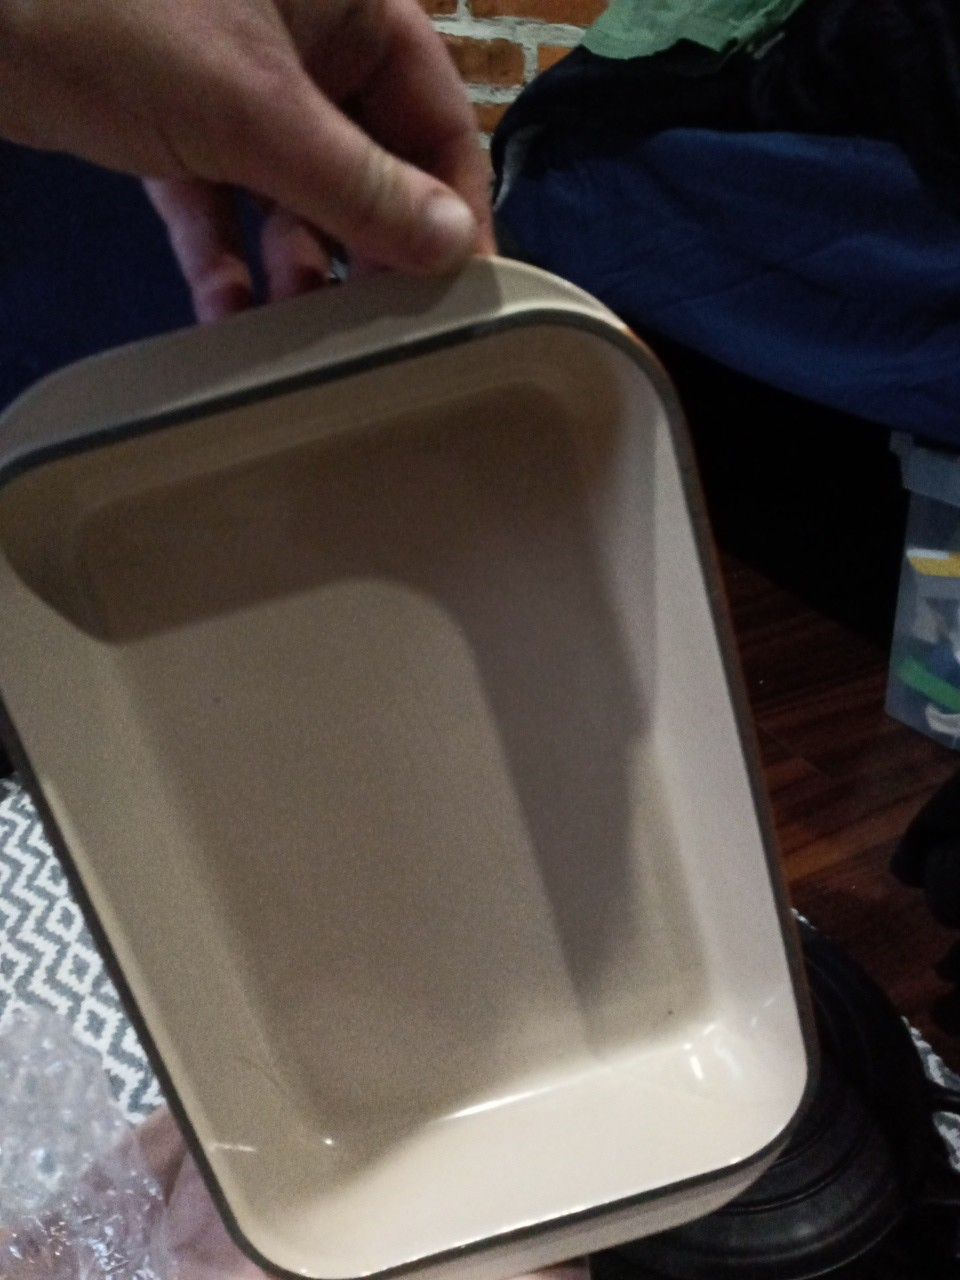 Brand new LeCreuset cast iron cookware